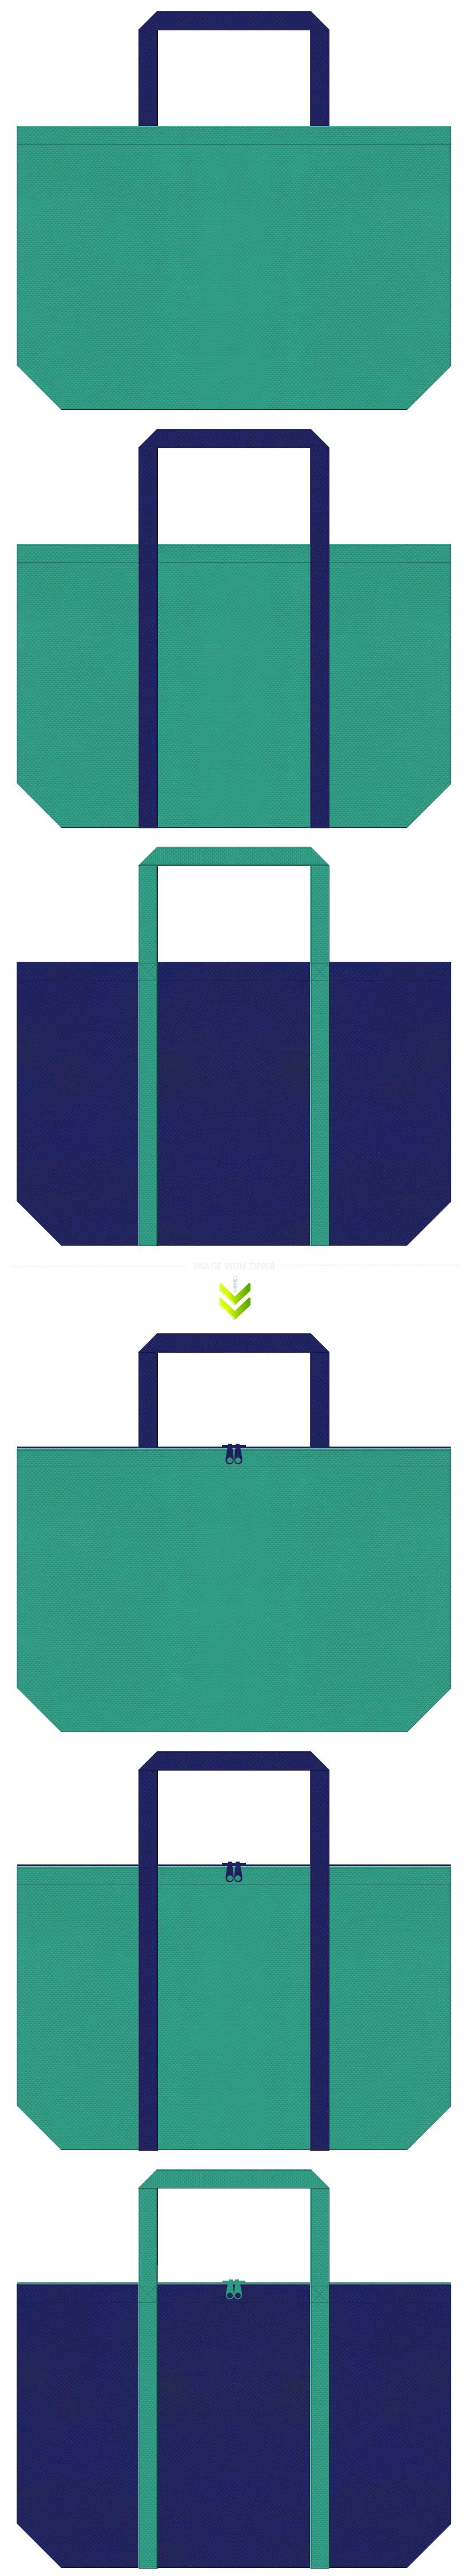 青緑色と明るい紺色の不織布エコバッグのデザイン。ランドリーバッグにお奨めです。